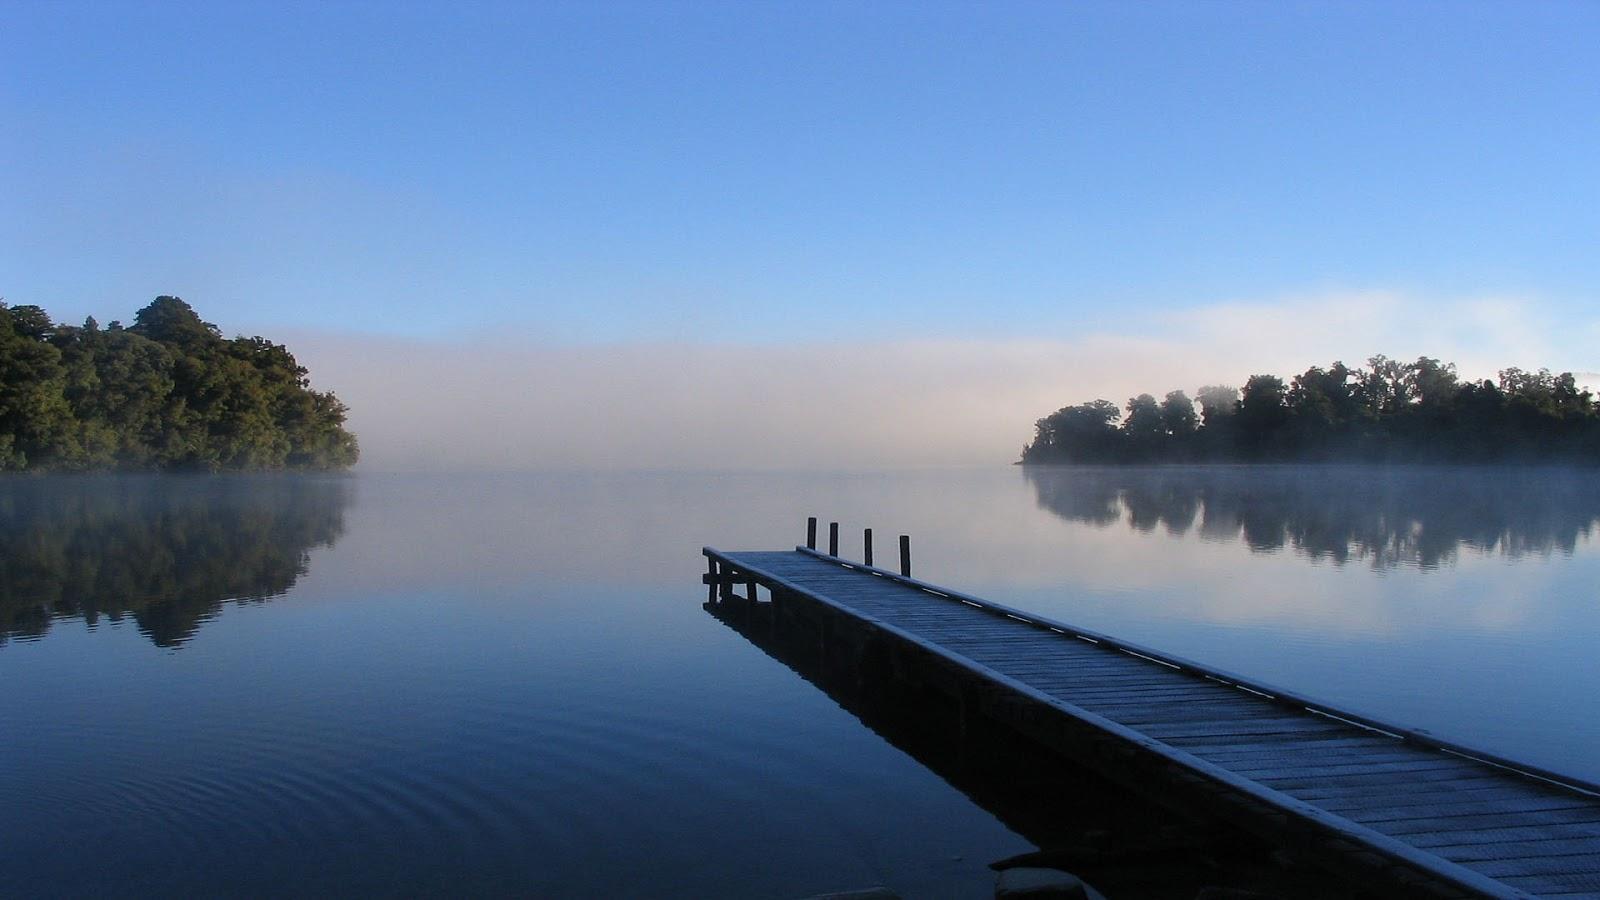 blue lake wallpaper 4k - photo #33